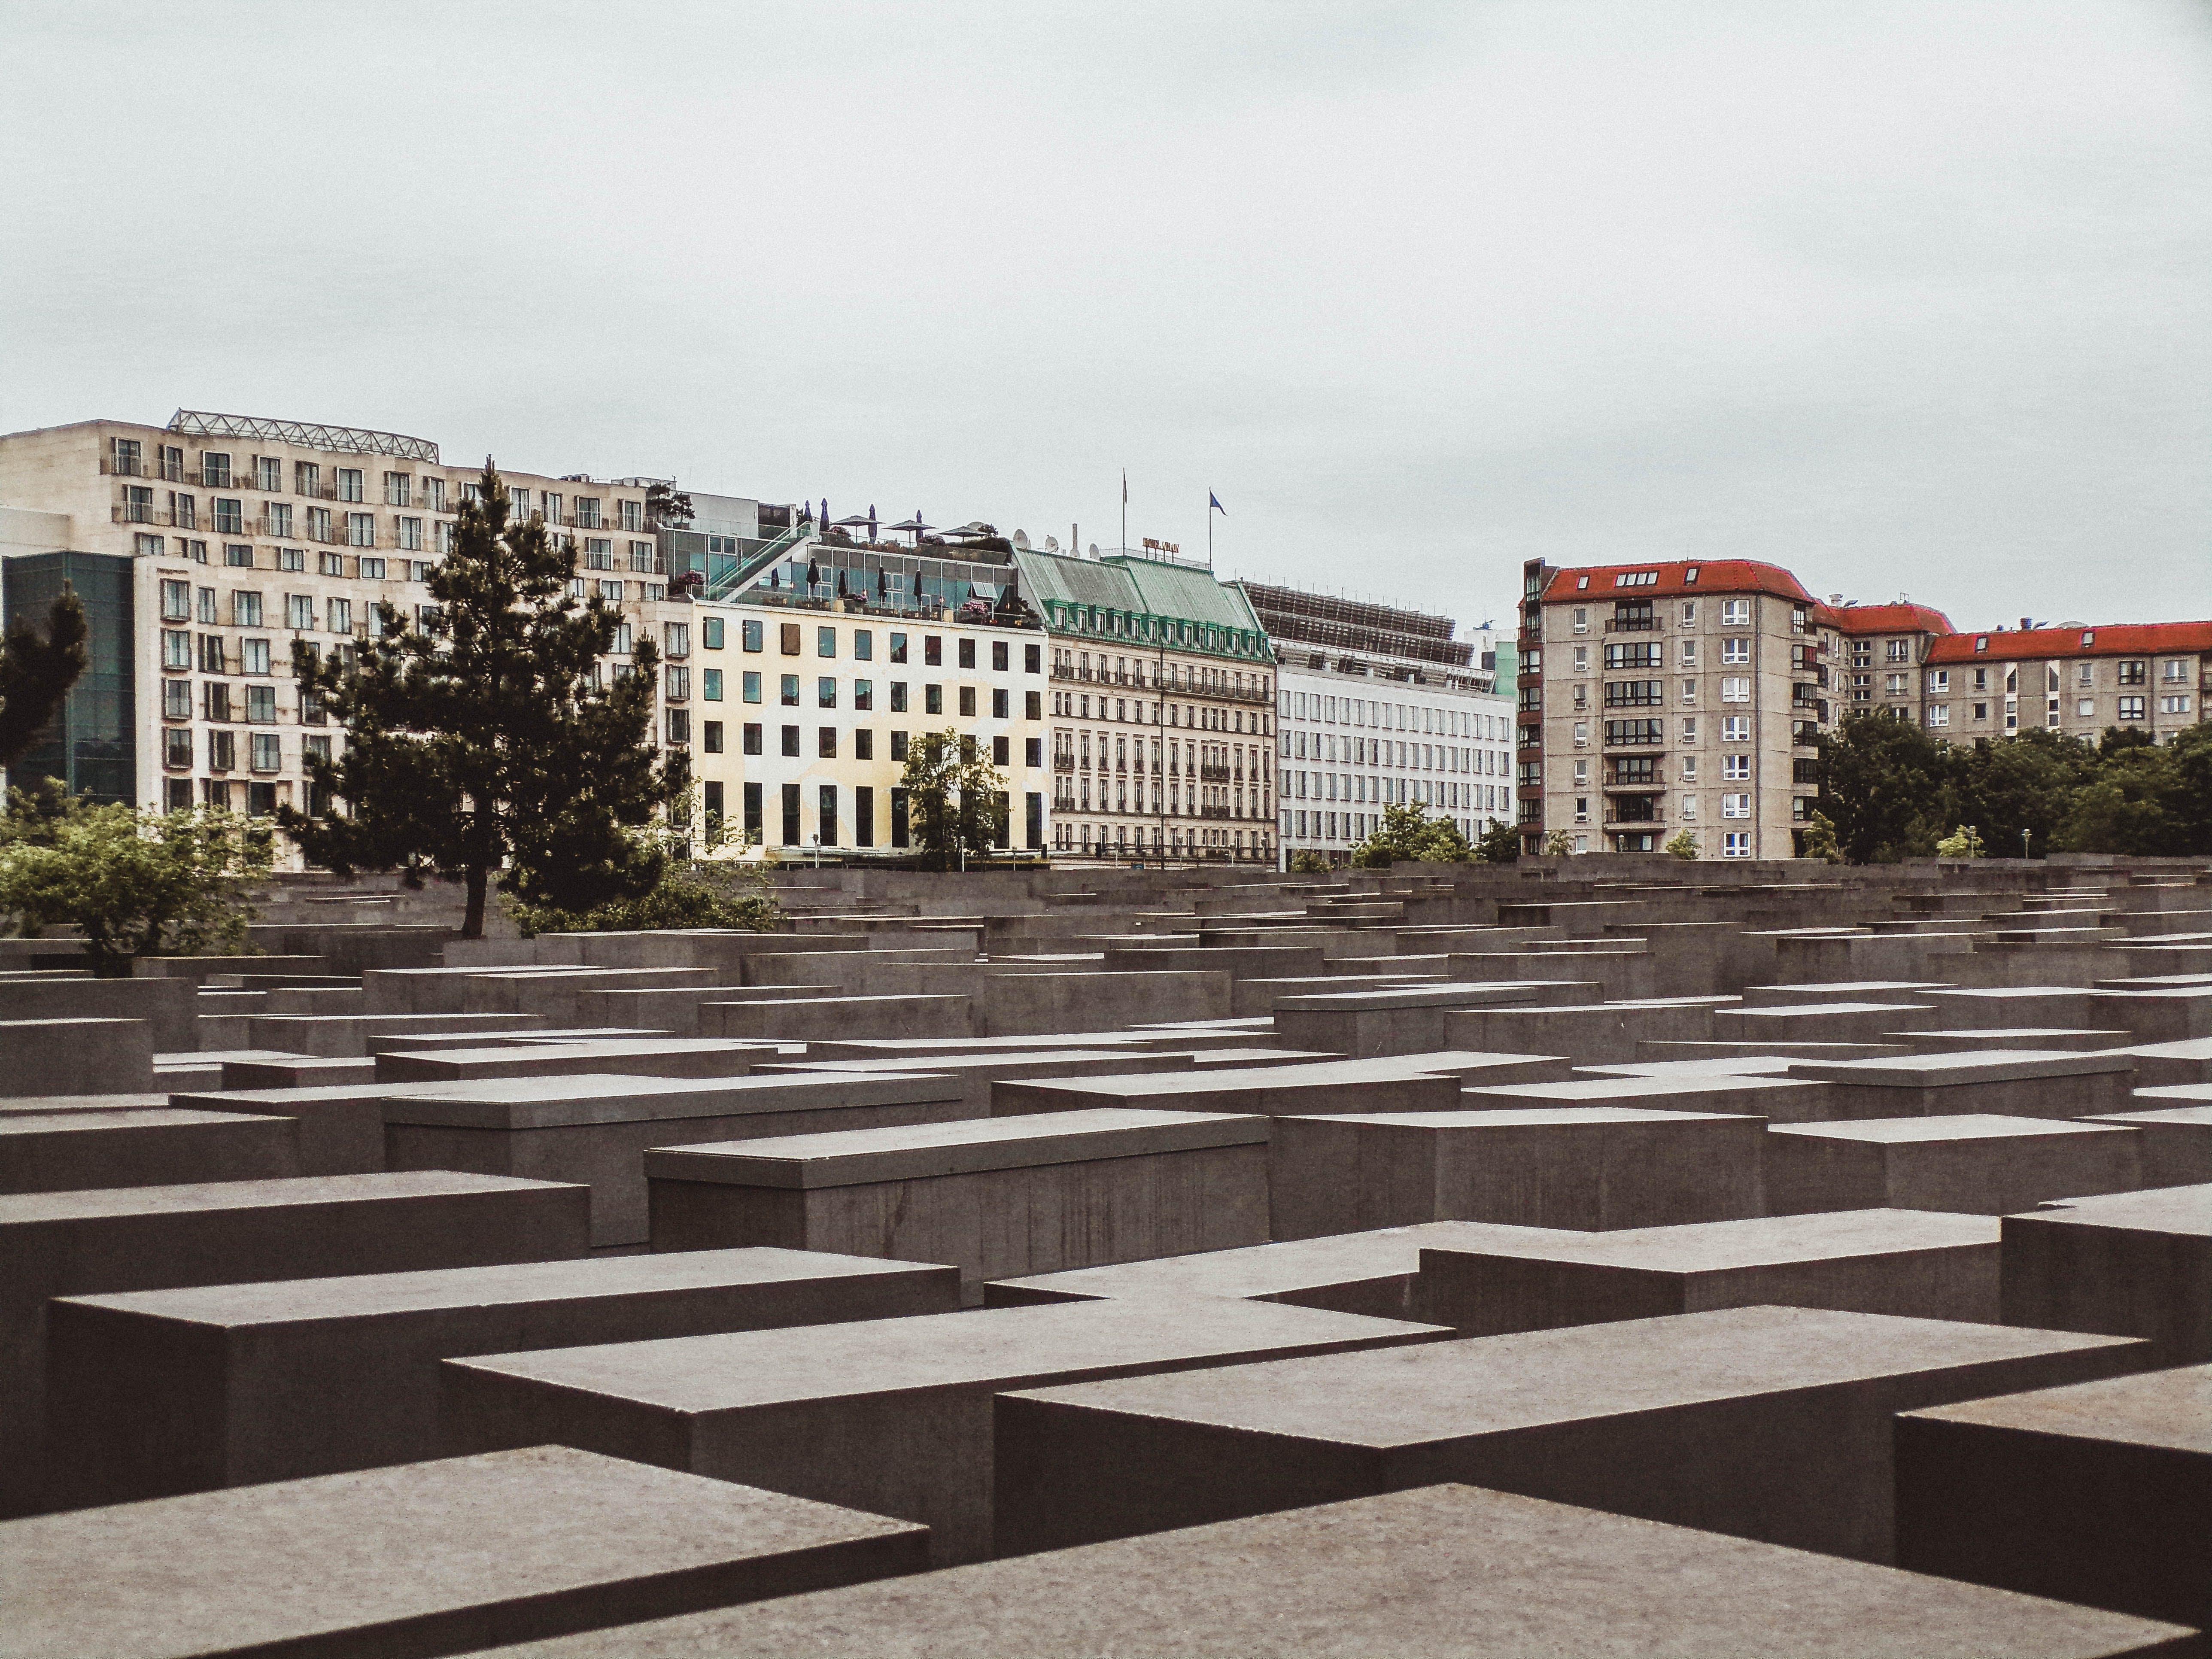 Kostenloses Stock Foto zu architektur, berlin, denkmal, deutschland